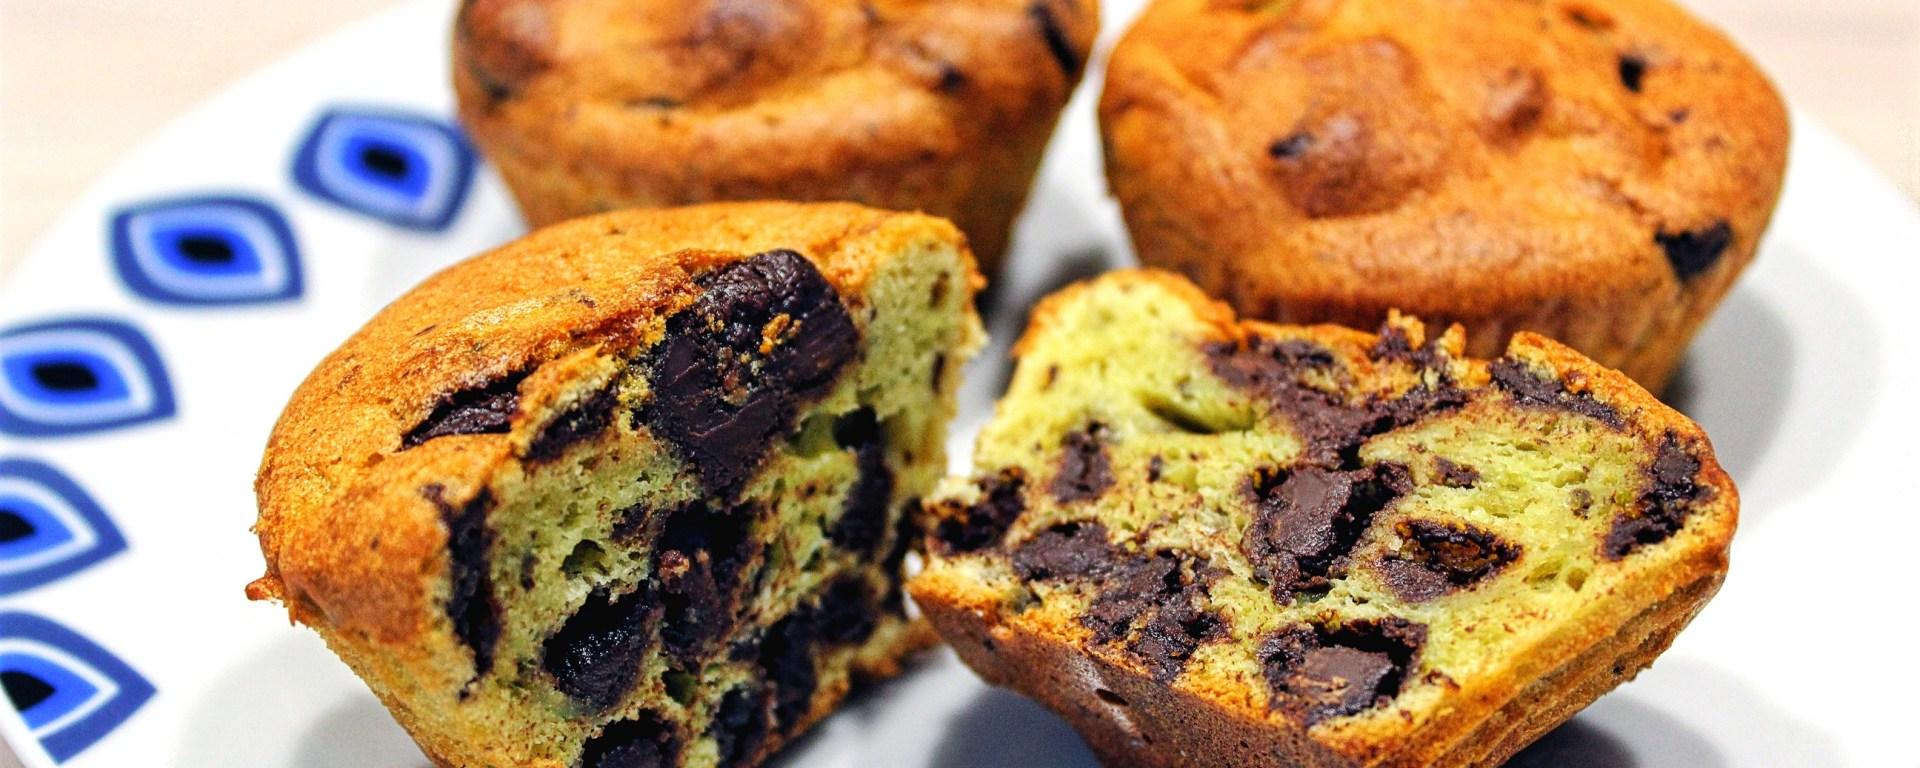 Délicimô ! - Recette Muffins Express à l'Avocat et au Chocolat - www.delicimo.fr